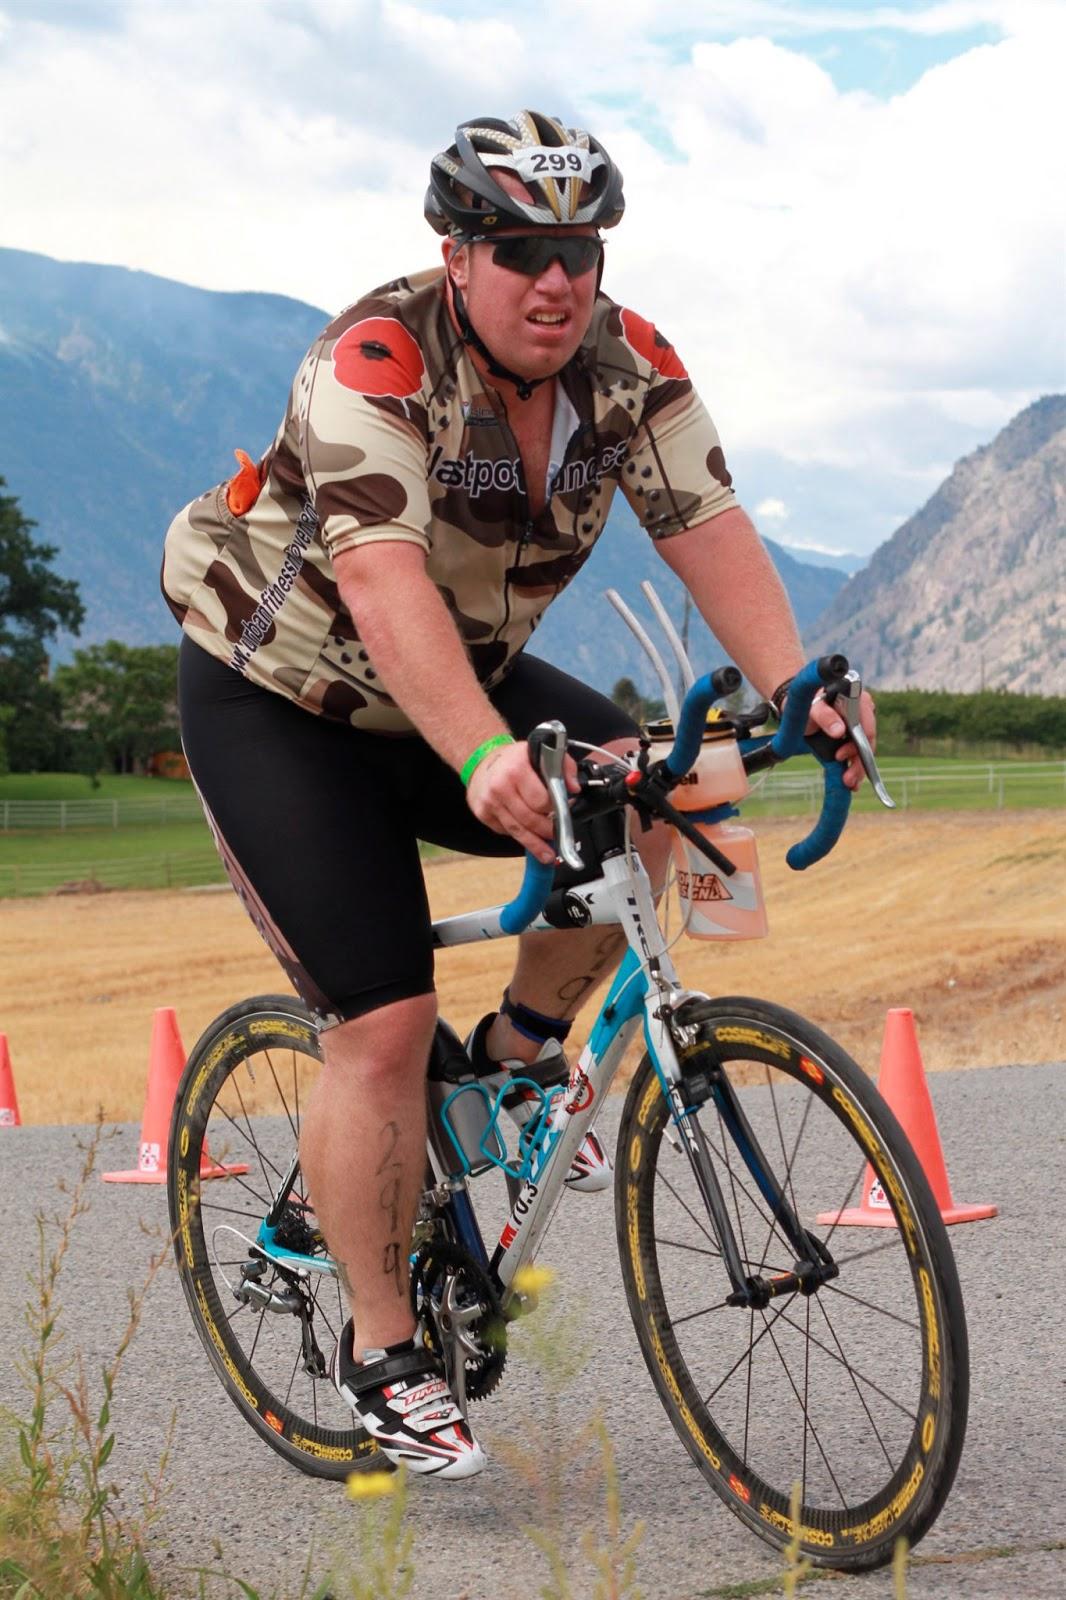 Trials Of A Big Triathlete July 2013